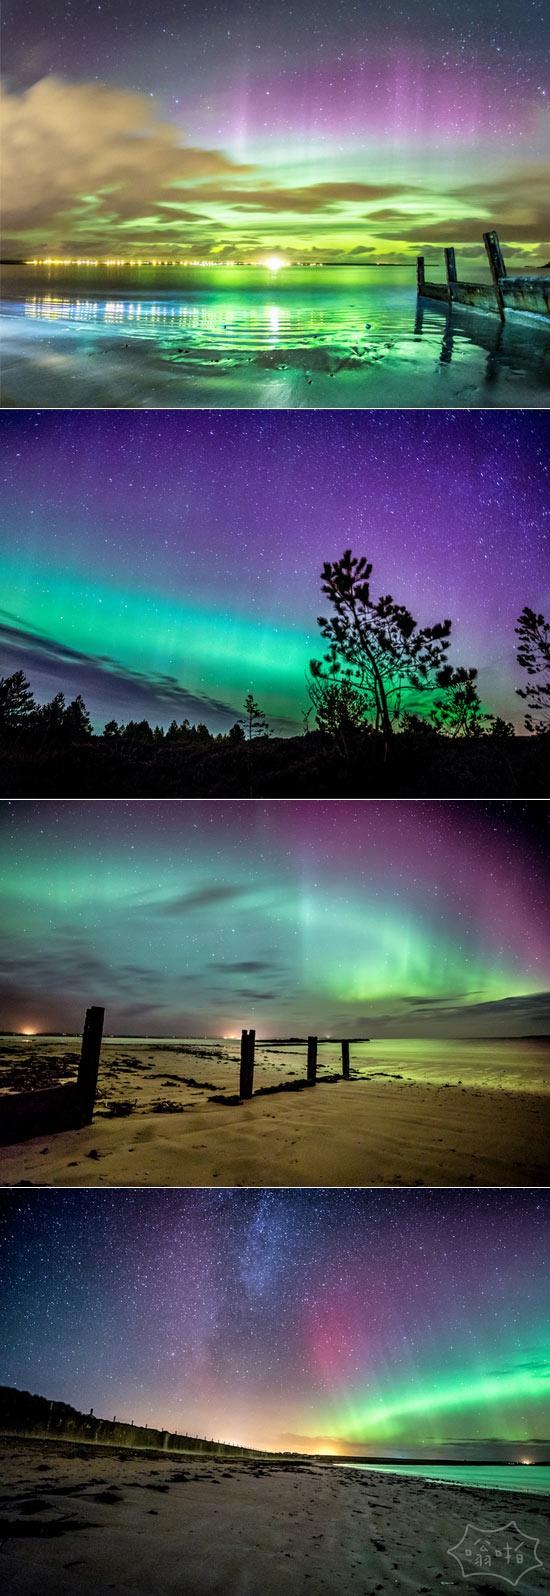 在苏格兰岛叹为观止的北极光照片